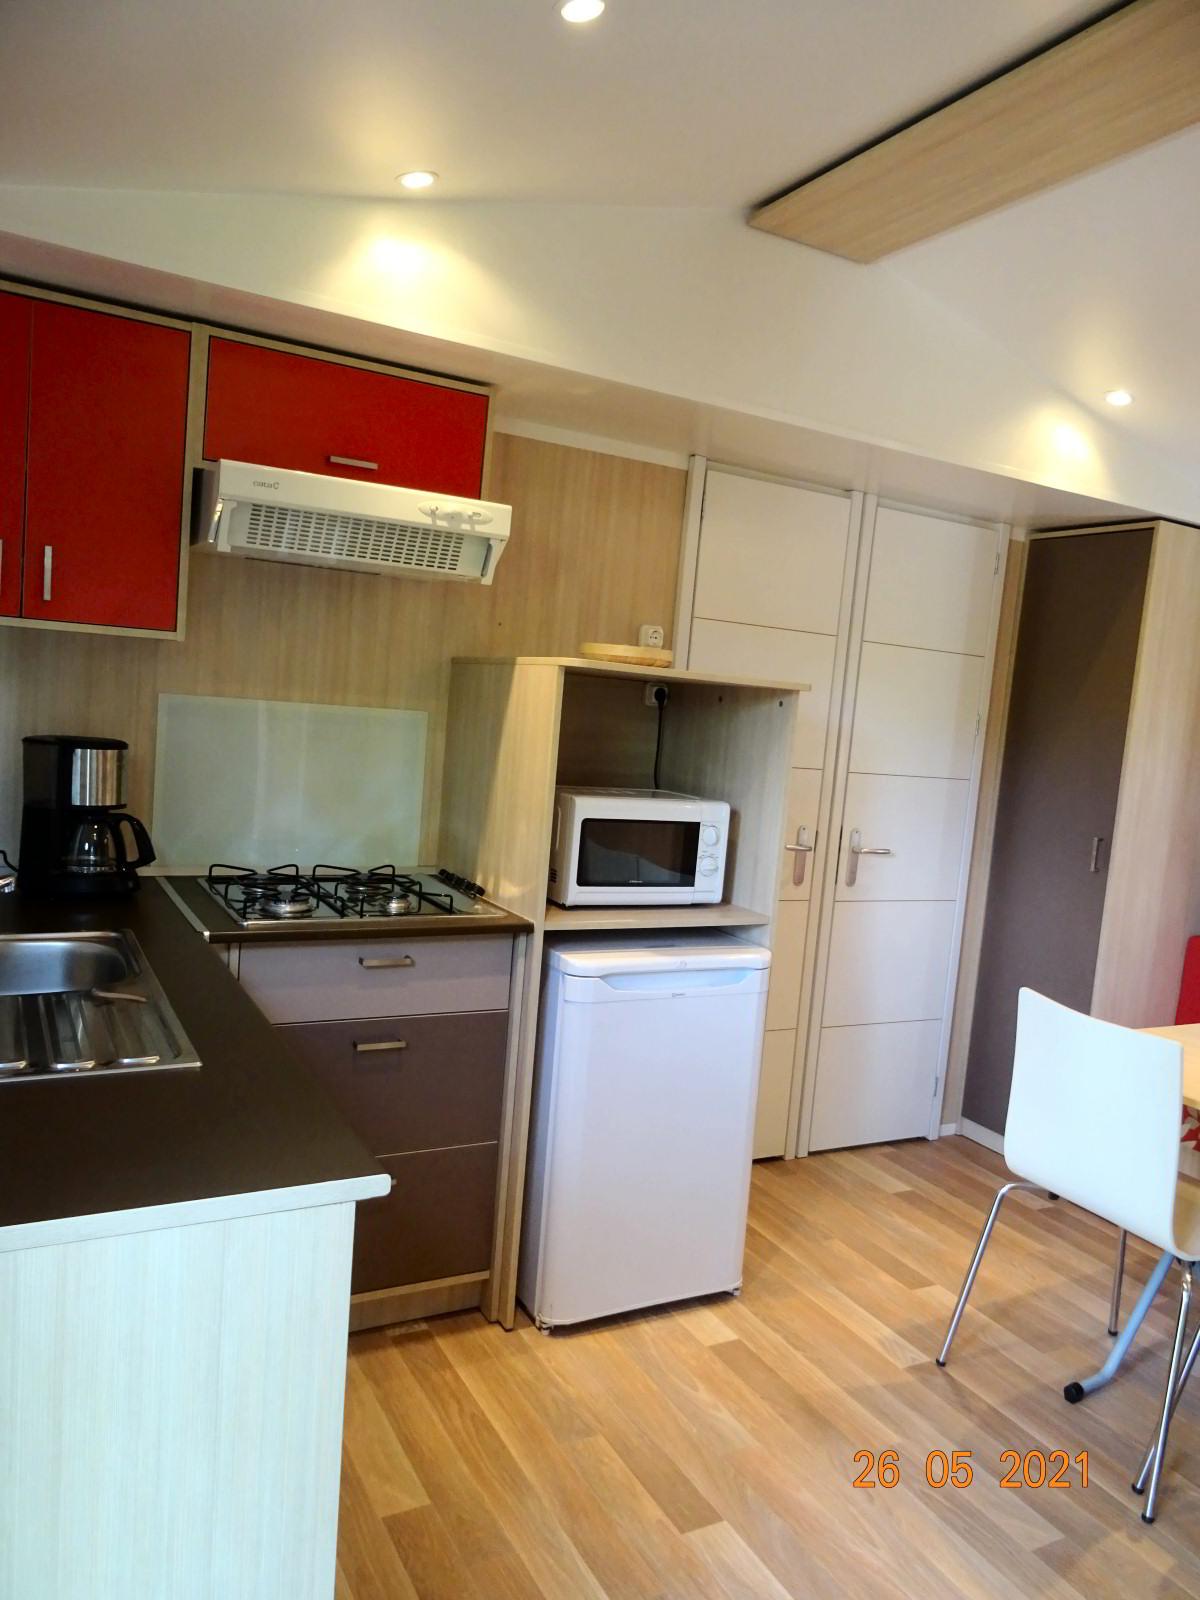 Cuisine dans mobile home avec 2 chambres